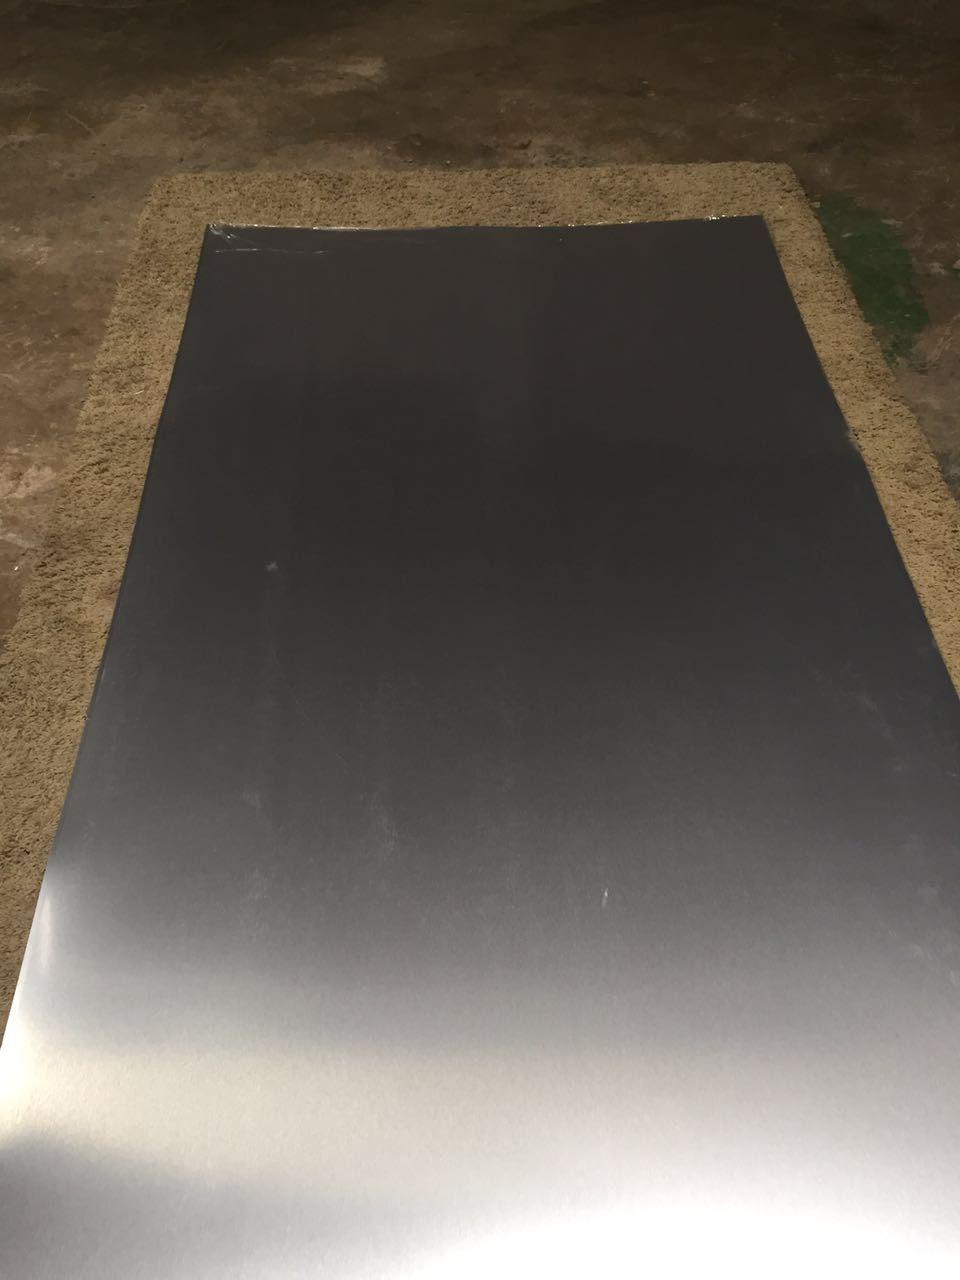 伊美家防火板金屬板鋁銀拉絲金拉絲銅拉絲耐火板橫波紋金屬膠合板